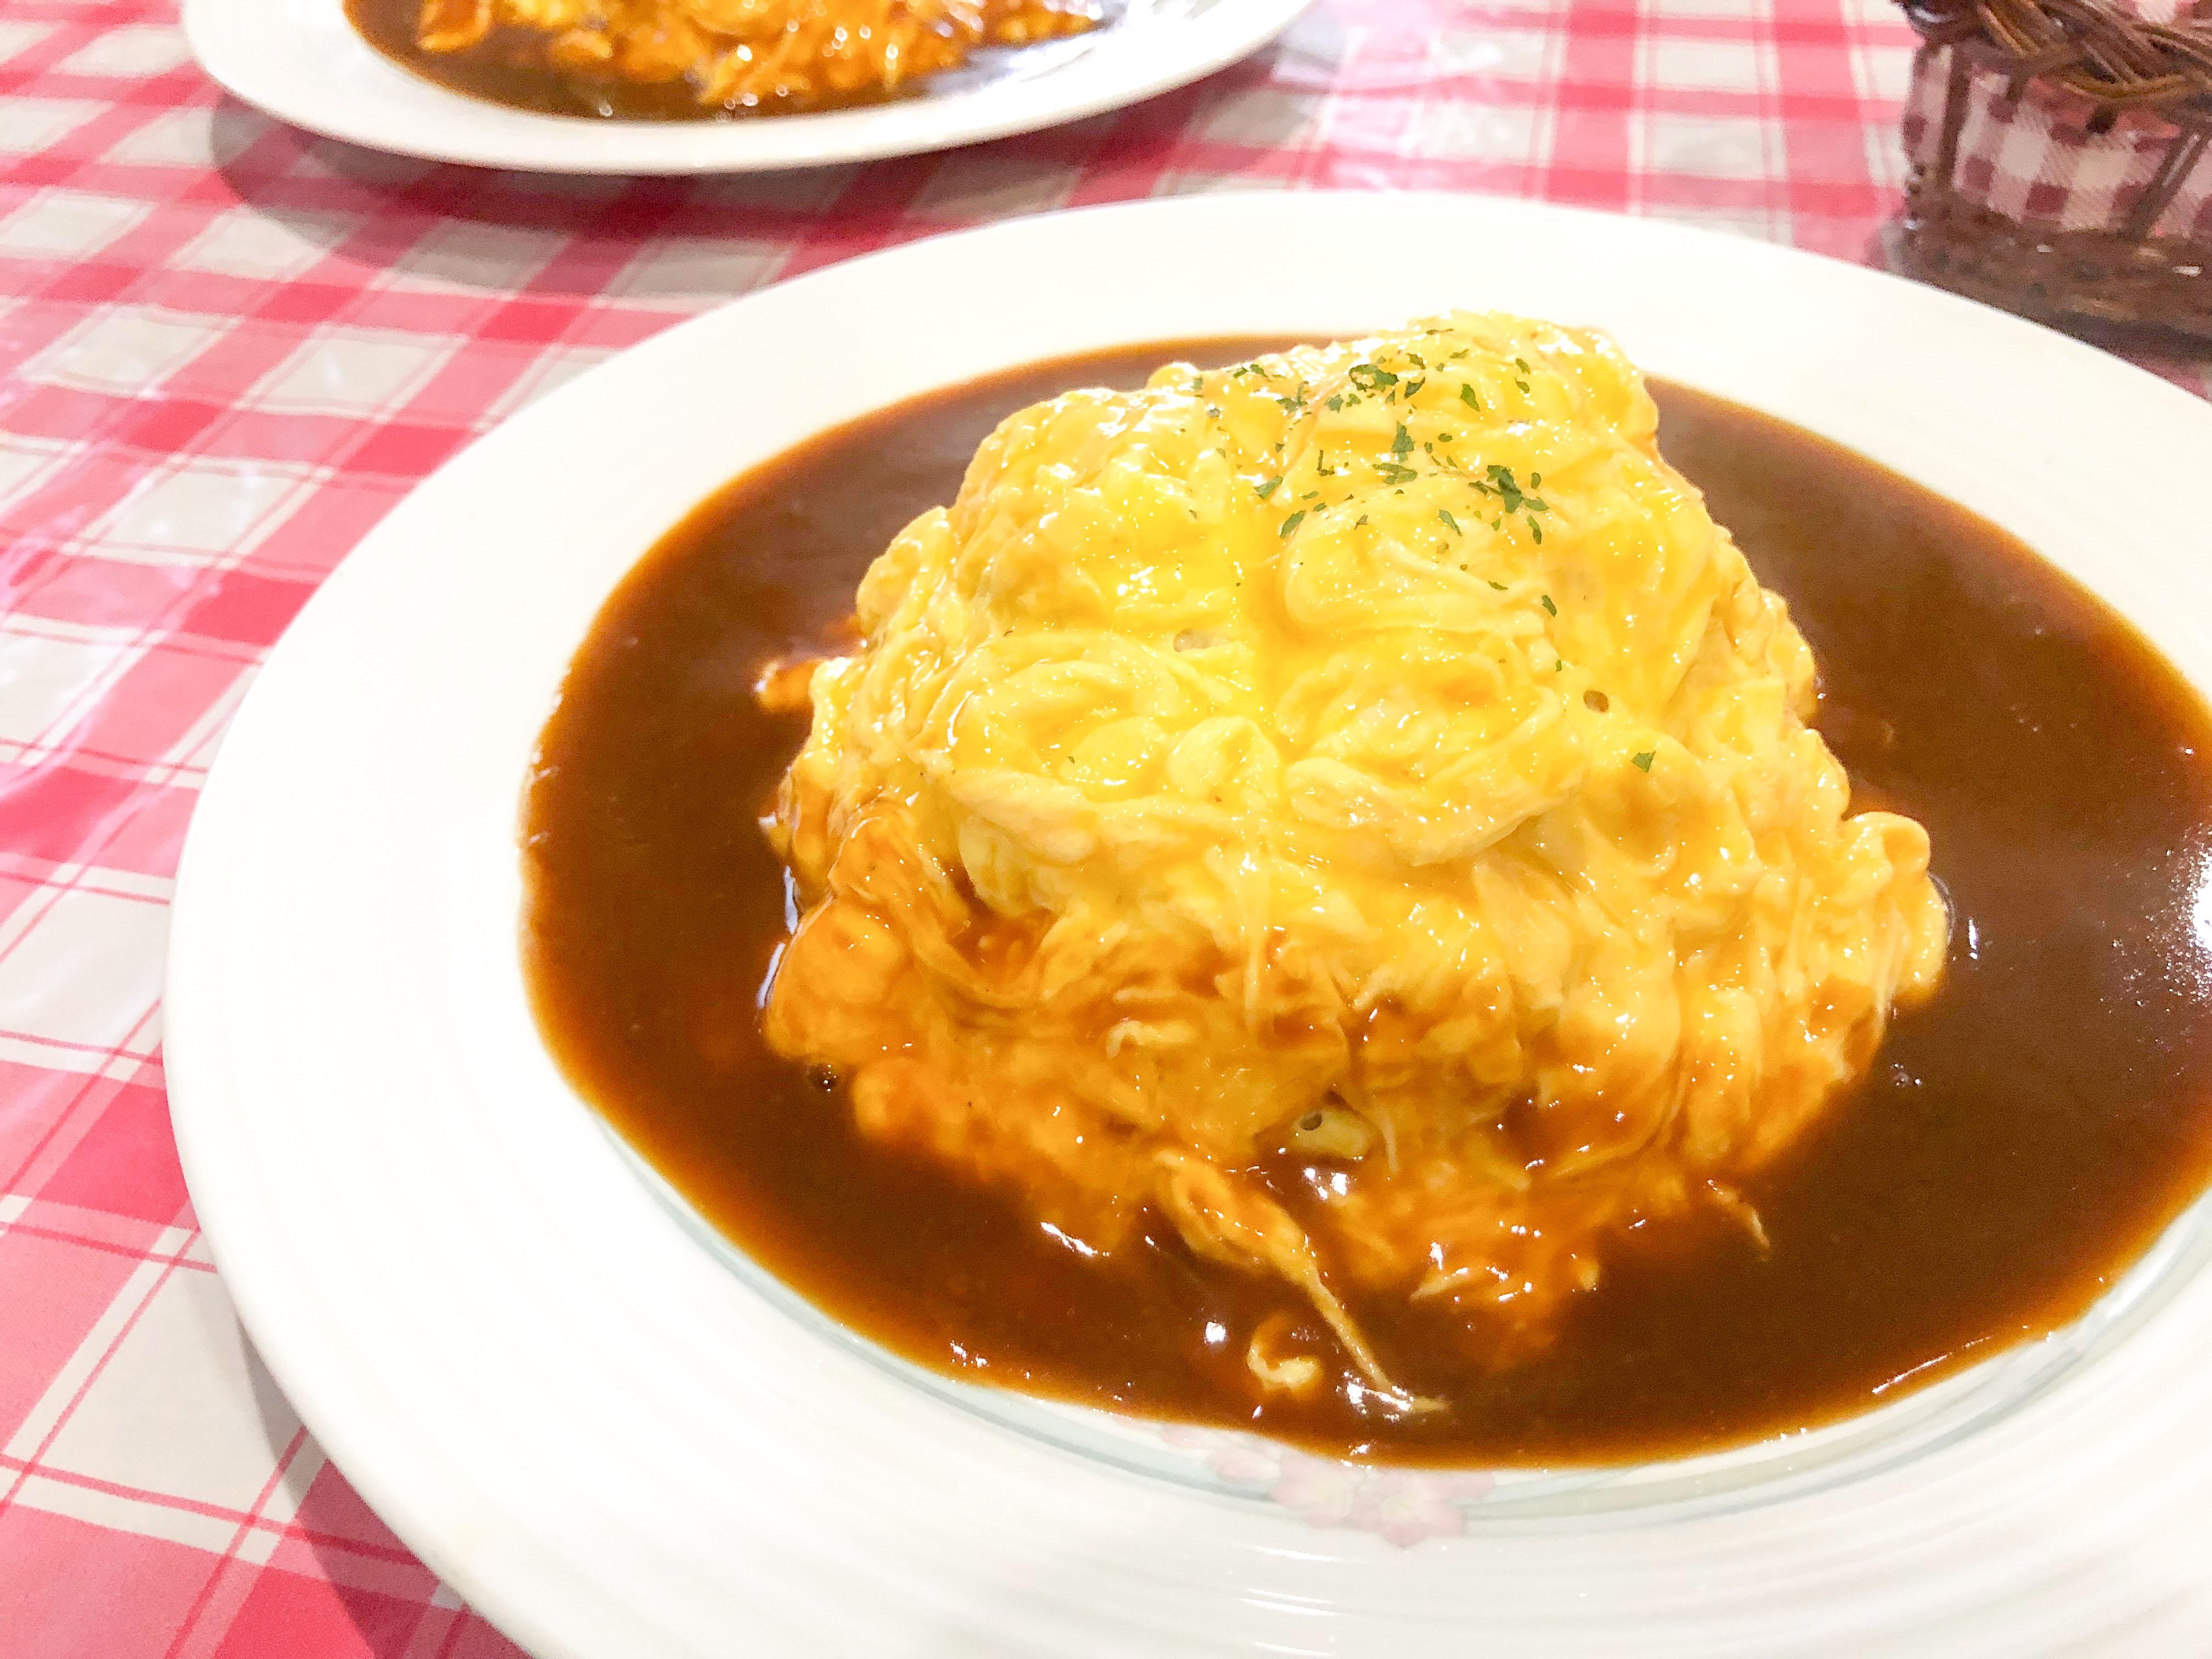 高知市のカフェレストすみれのオムライスの画像